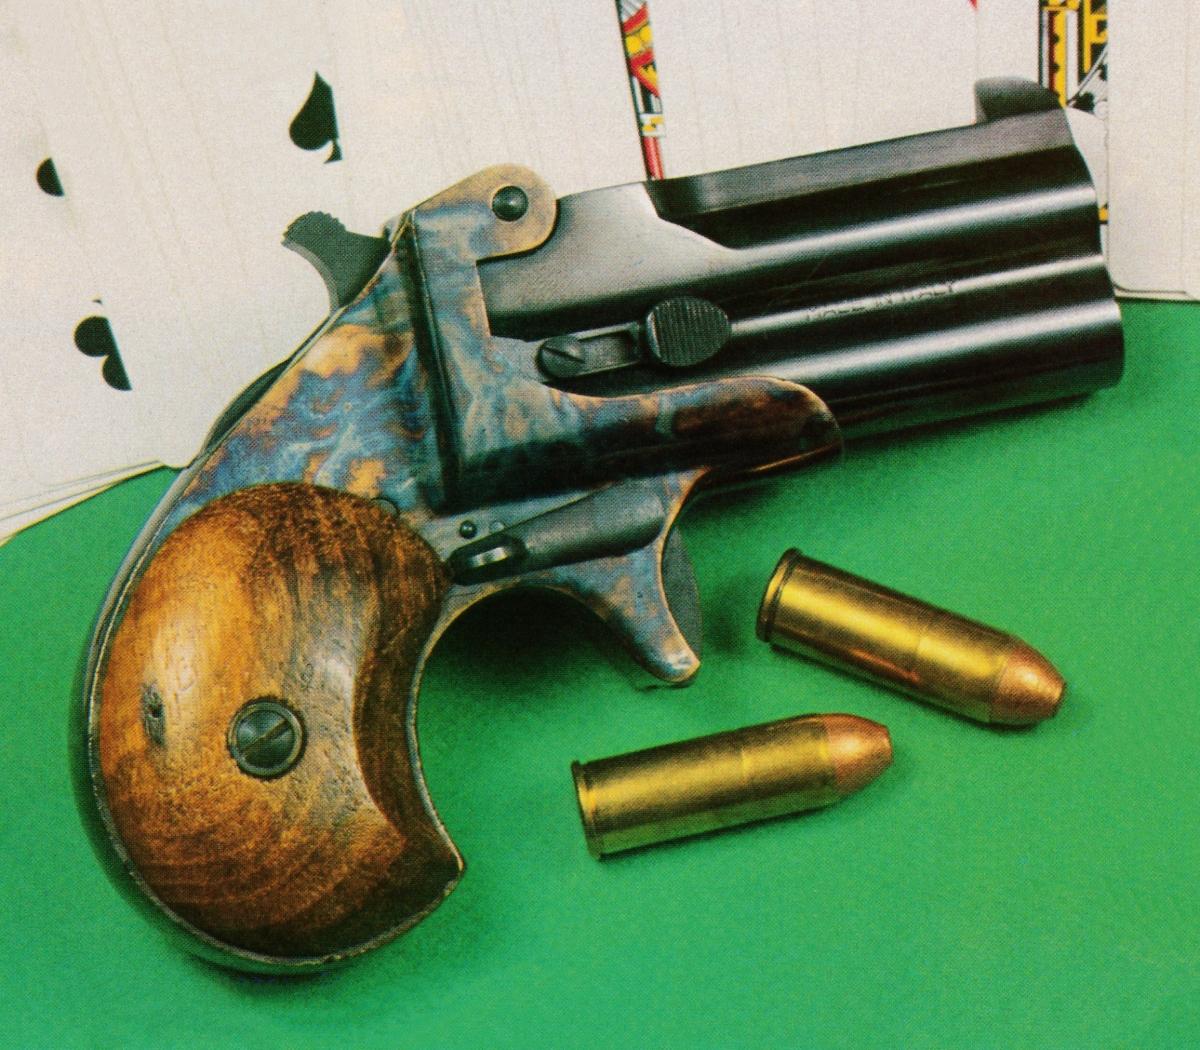 Le célèbre Remington double-derringer, à deux coups en calibre .41 short rimfire, commercialisé à partir de 1866 reste, aujourd'hui encore, le parfait exemple de l'arme de gousset idéale, à la fois puissante et de très petite taille.